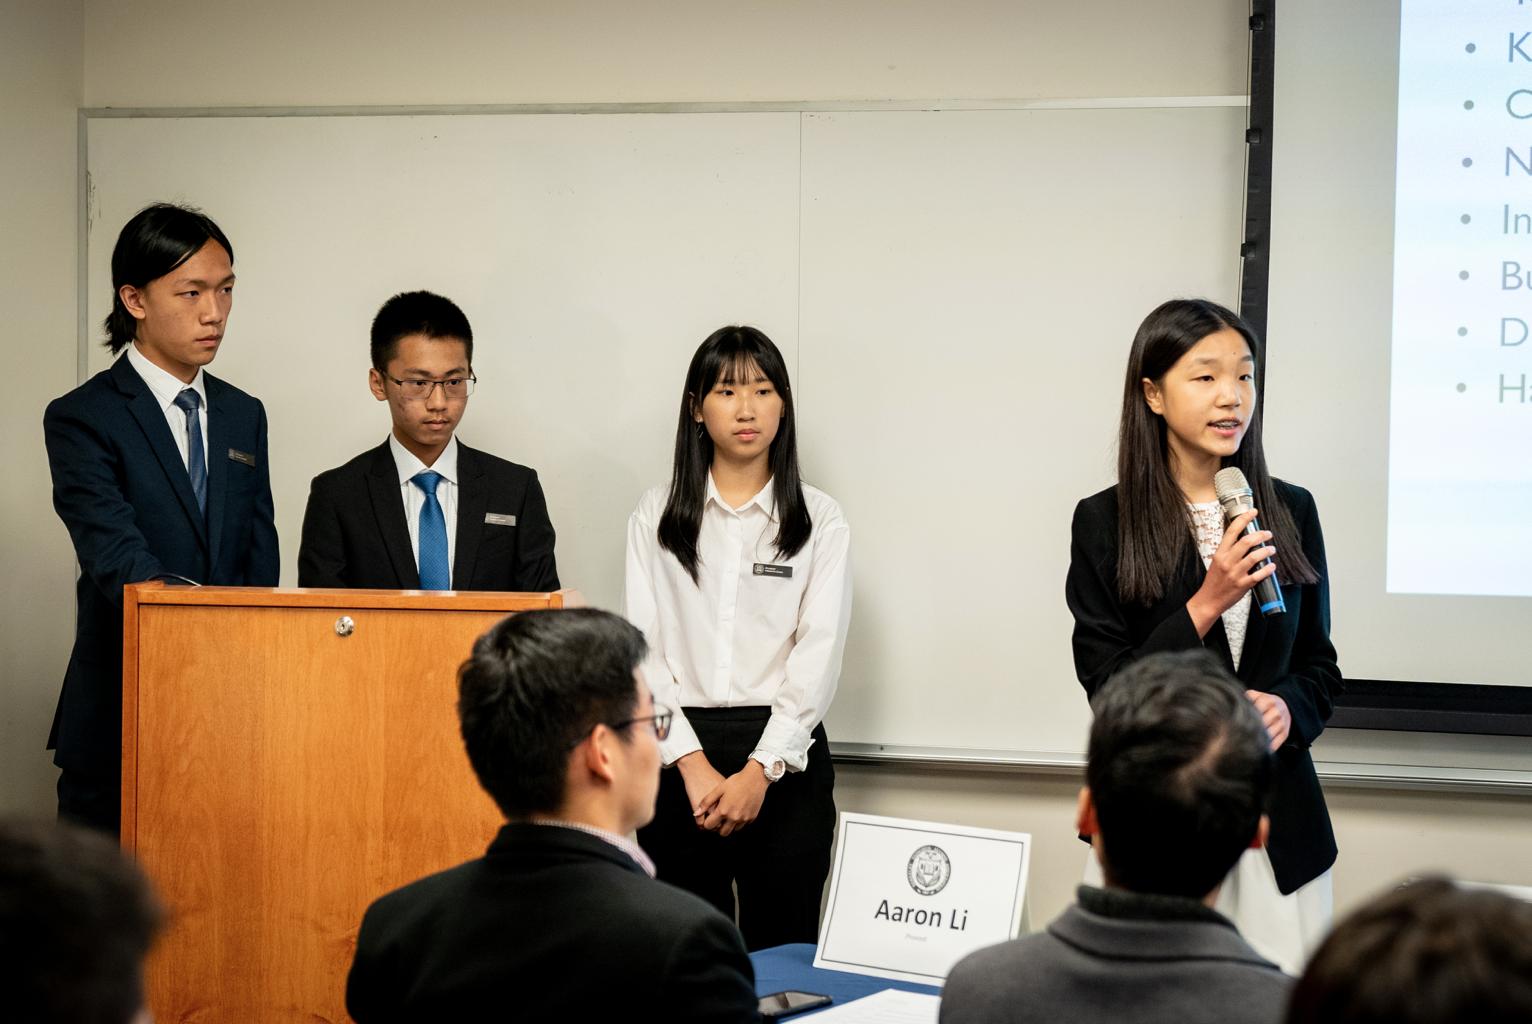 柏克萊清華校友會補助12名高中生赴矽谷培訓3